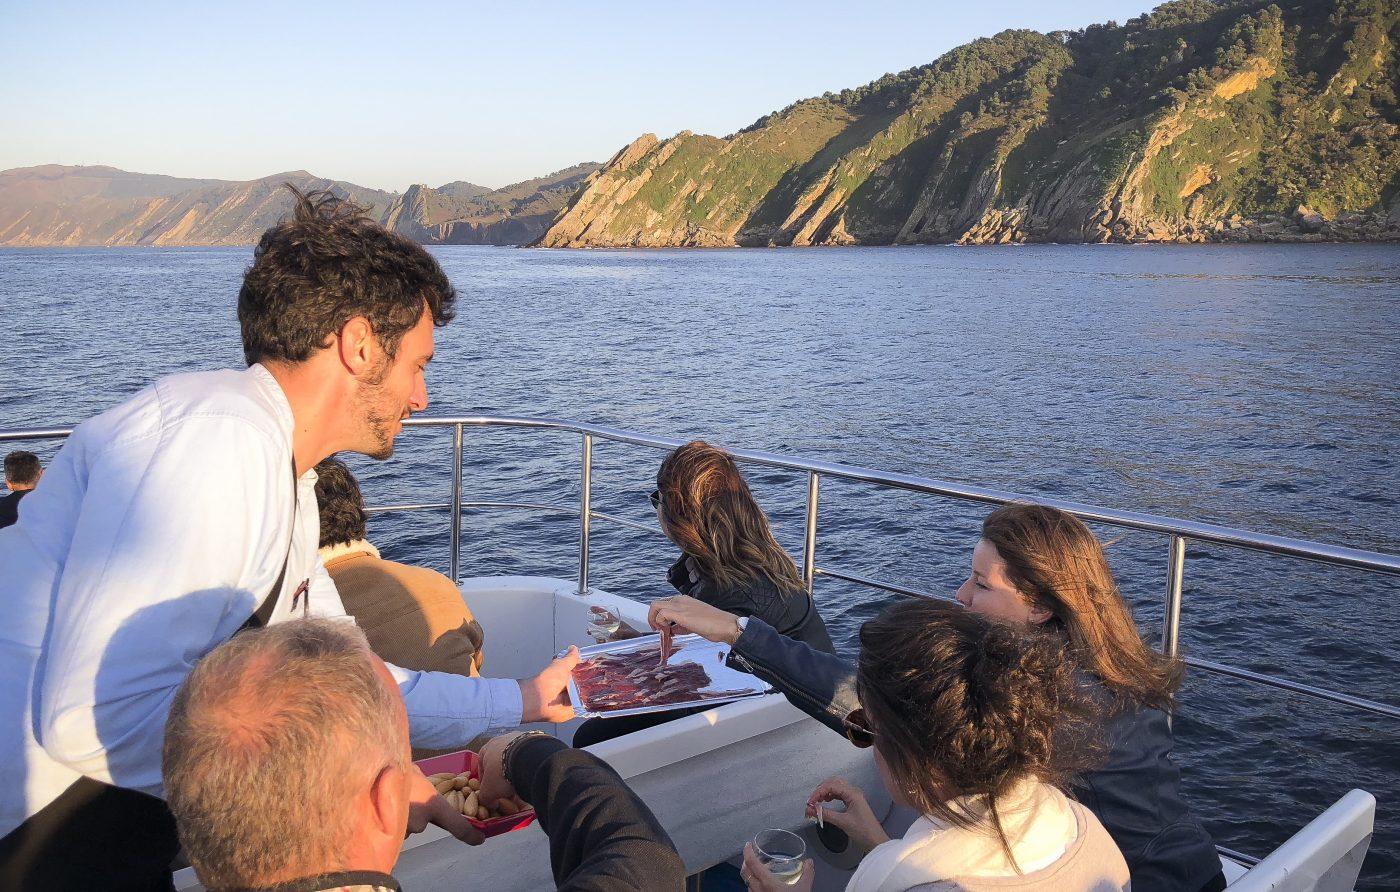 croisiere photographie soiree bateau gastronomie decouverte pays basque voyage san sebastian catamaran pasajes ocean agence visite evenementielle saint jean de luz erronda